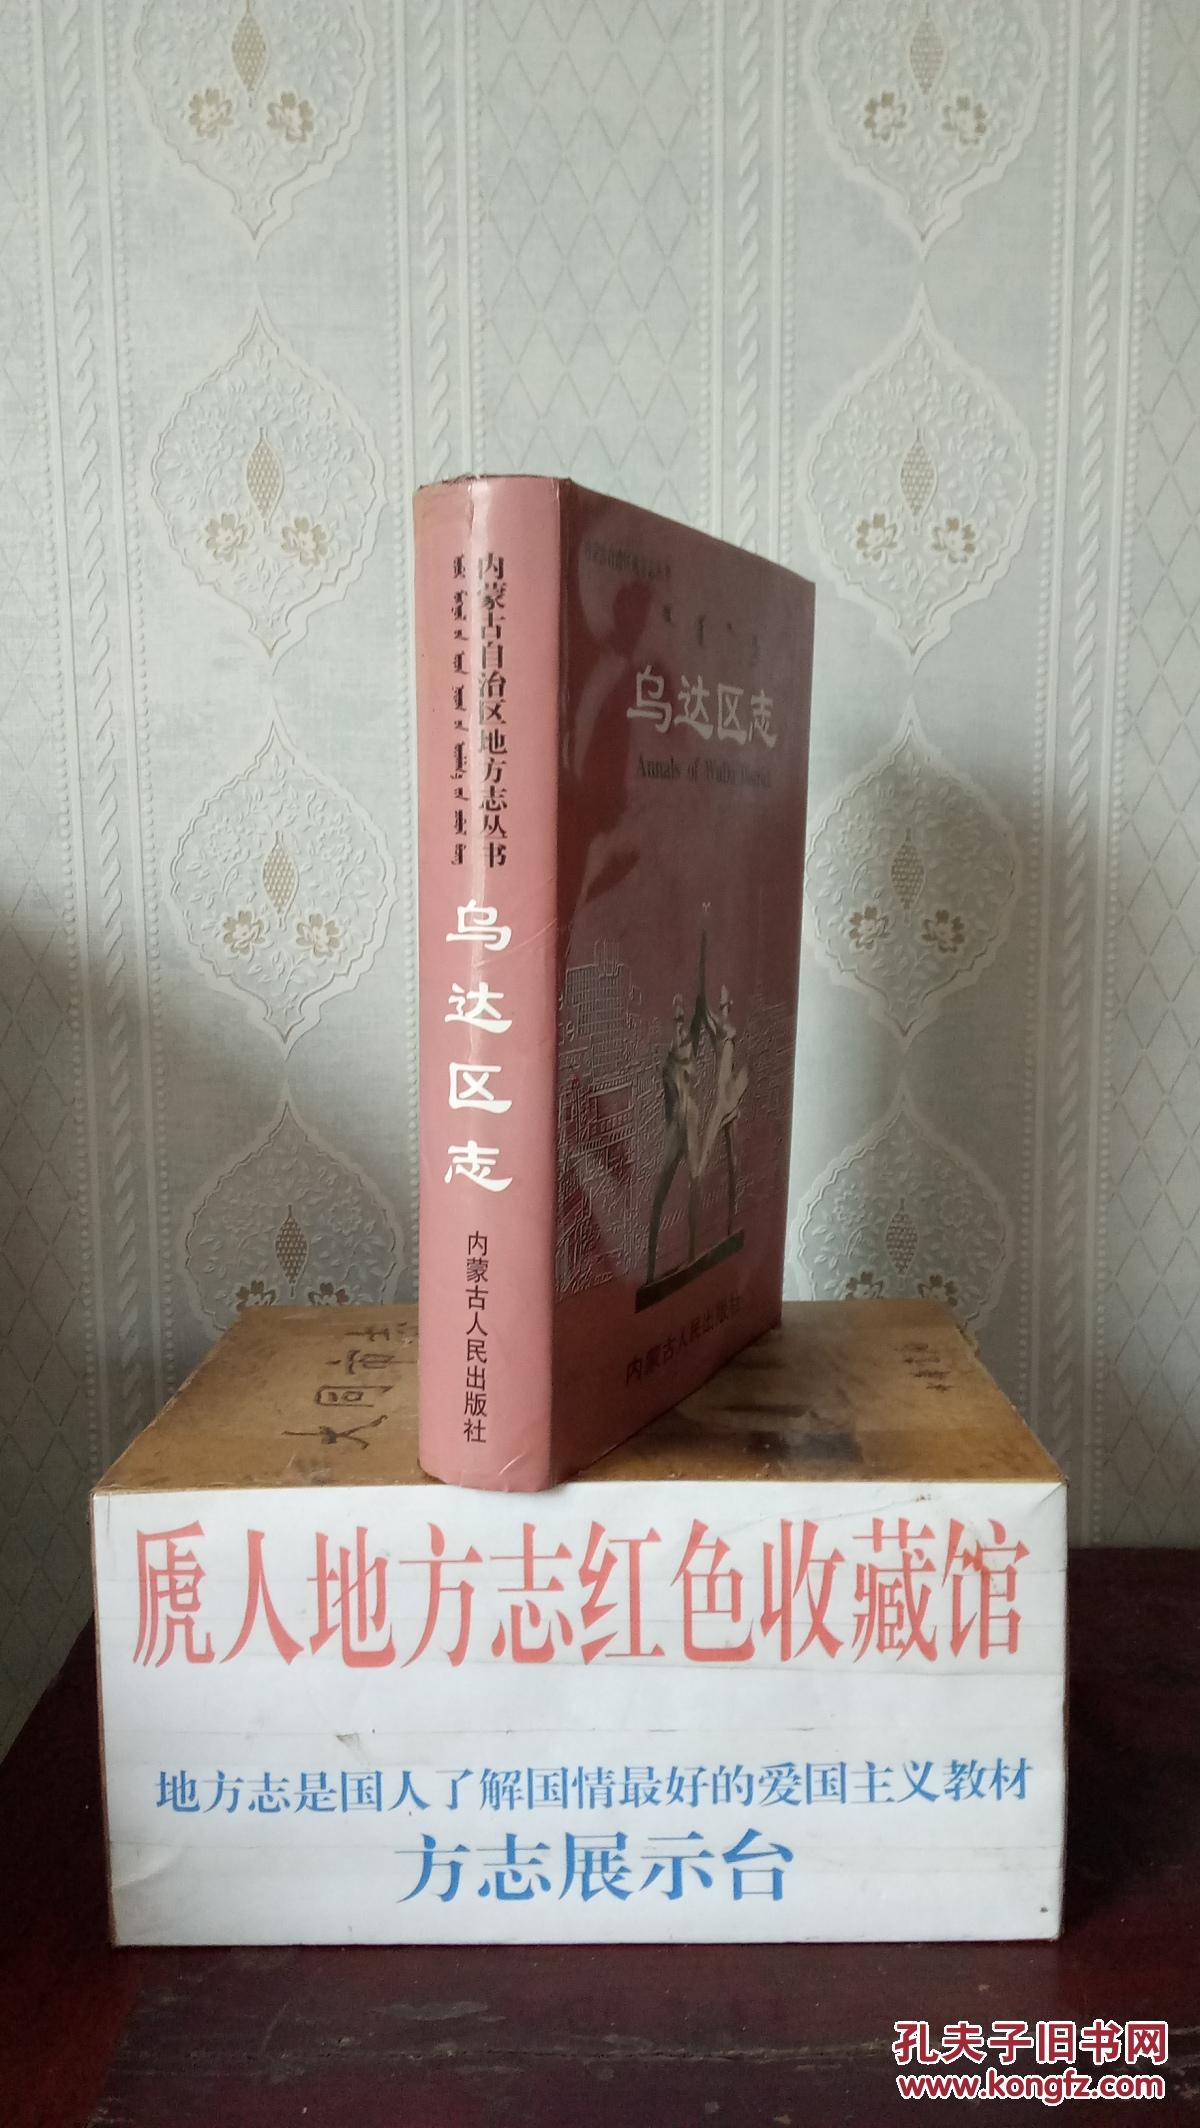 内蒙古自治区地方志系列丛书------乌海市----《乌达区志》-----虒人荣誉珍藏